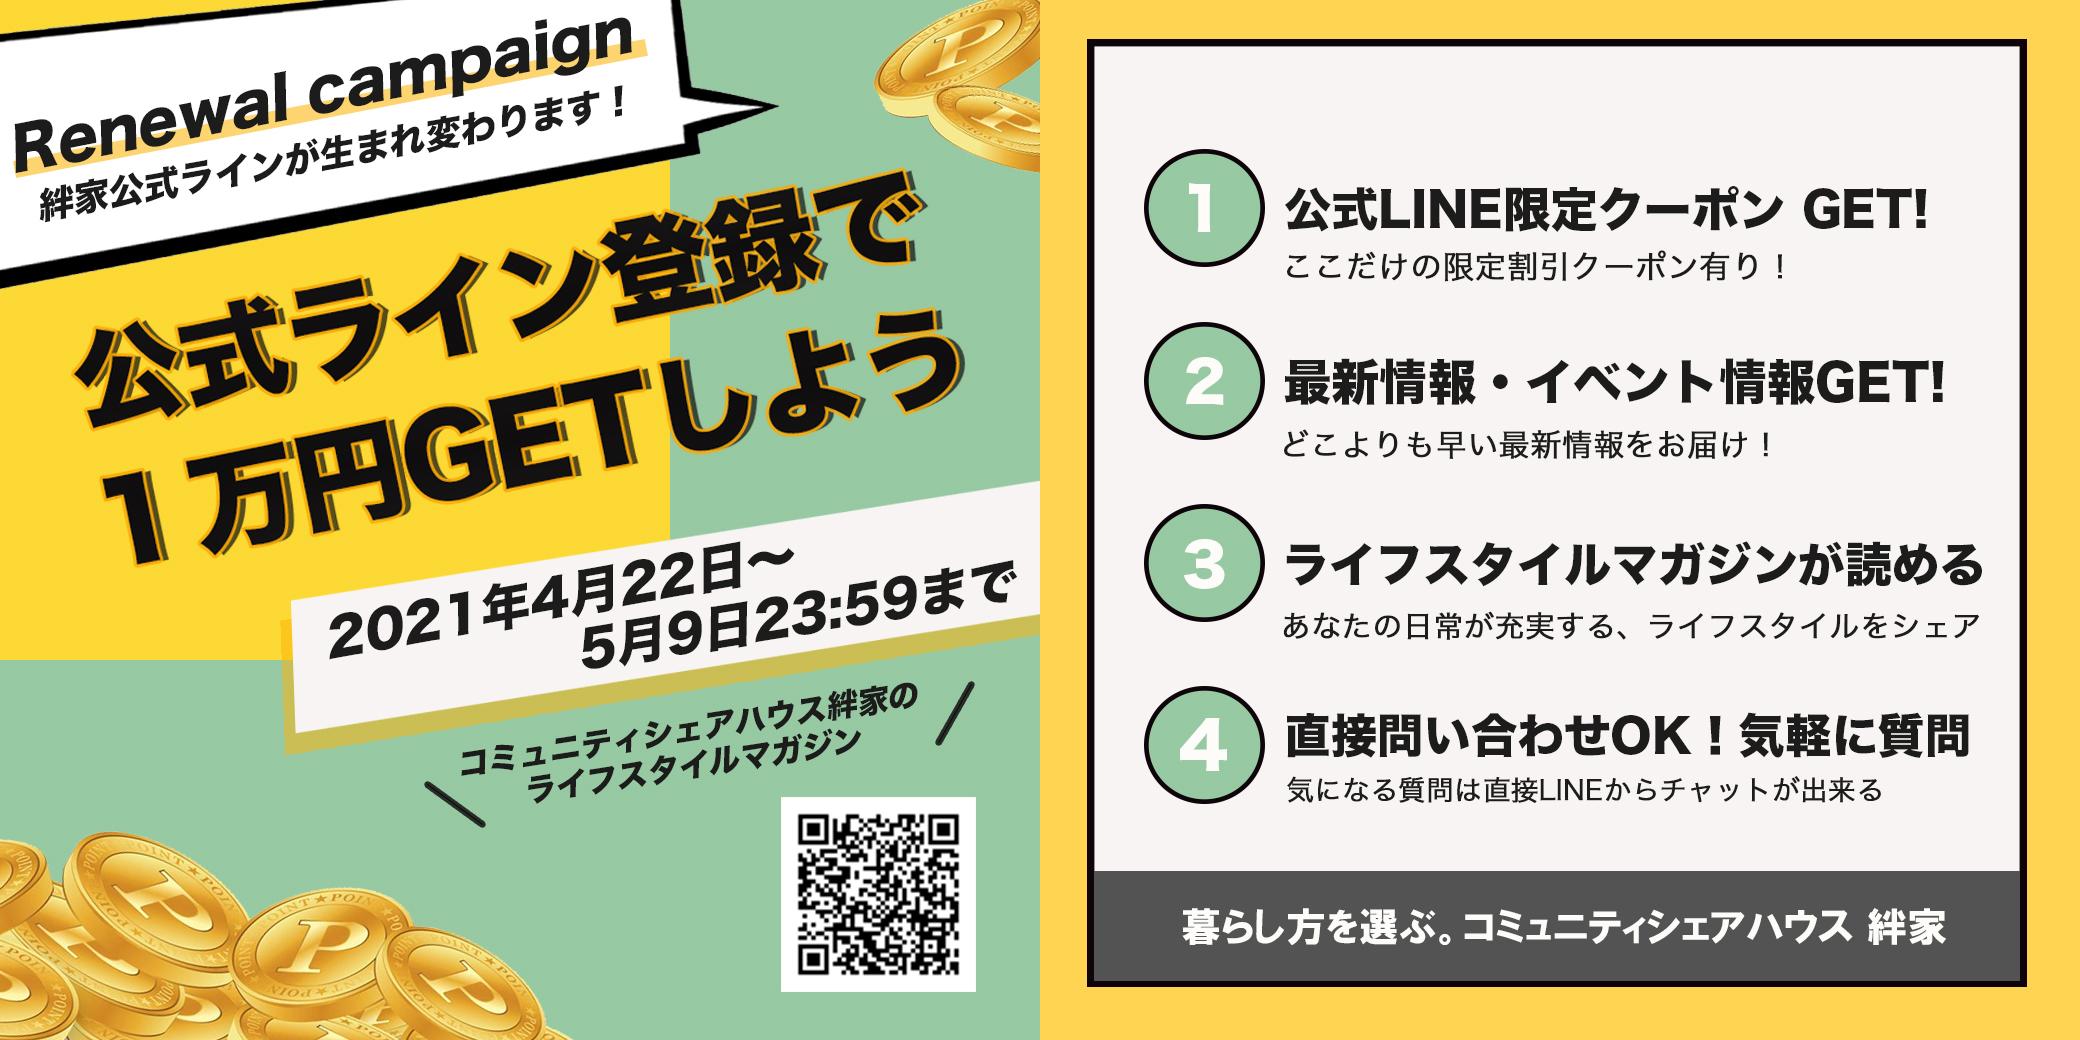 公式ラインリニューアル企画!登録して1万円もらえるゴールデンウィーク企画開催